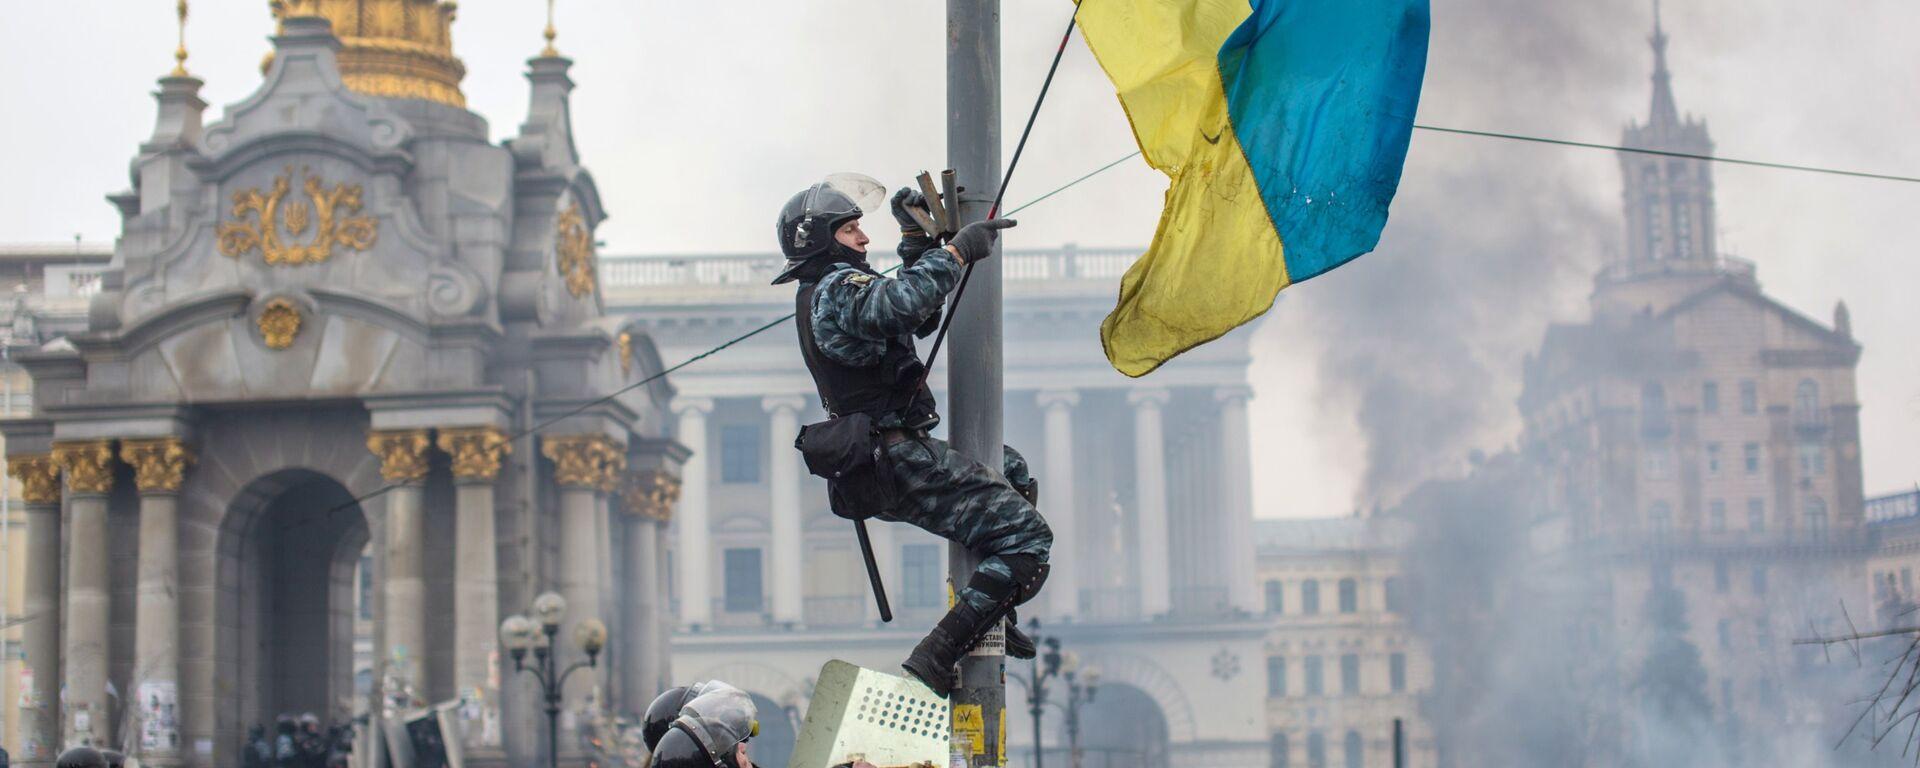 Ситуация в Киеве - Sputnik Ўзбекистон, 1920, 20.08.2021